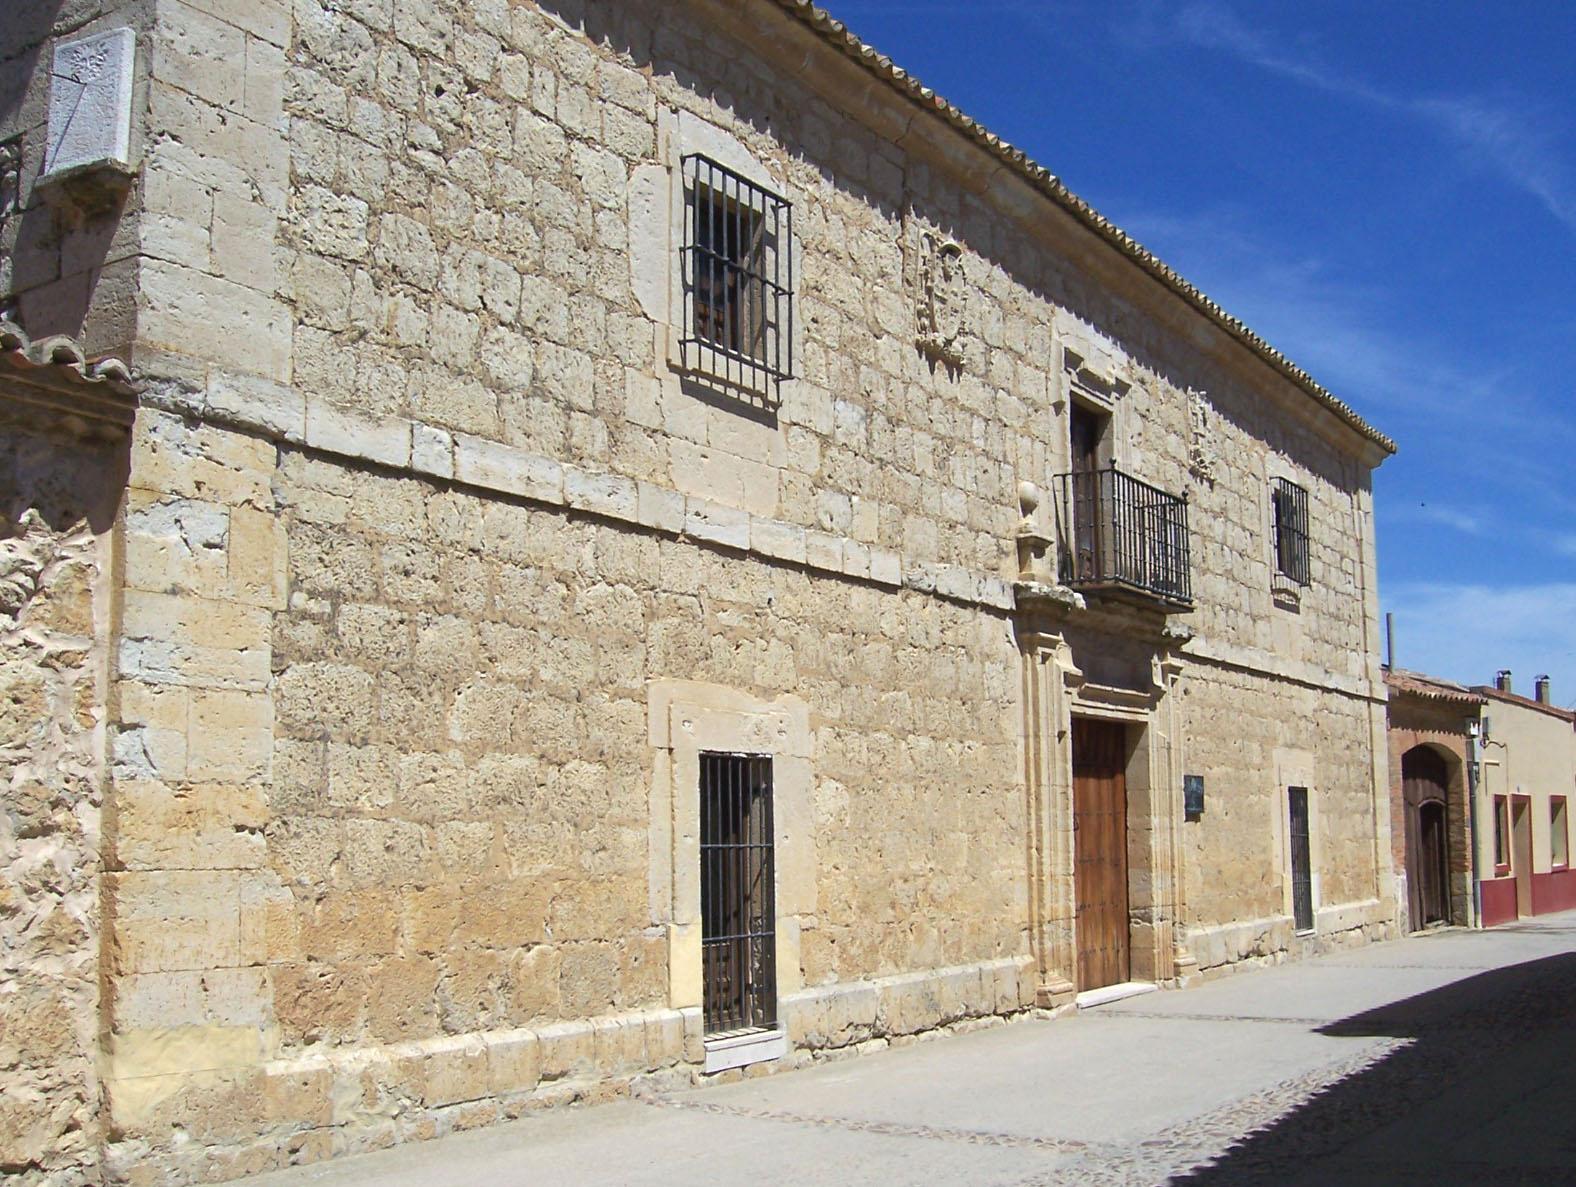 Fachada de la Casona de la Mayorazga donde se ubica el Centro Etnográfico.